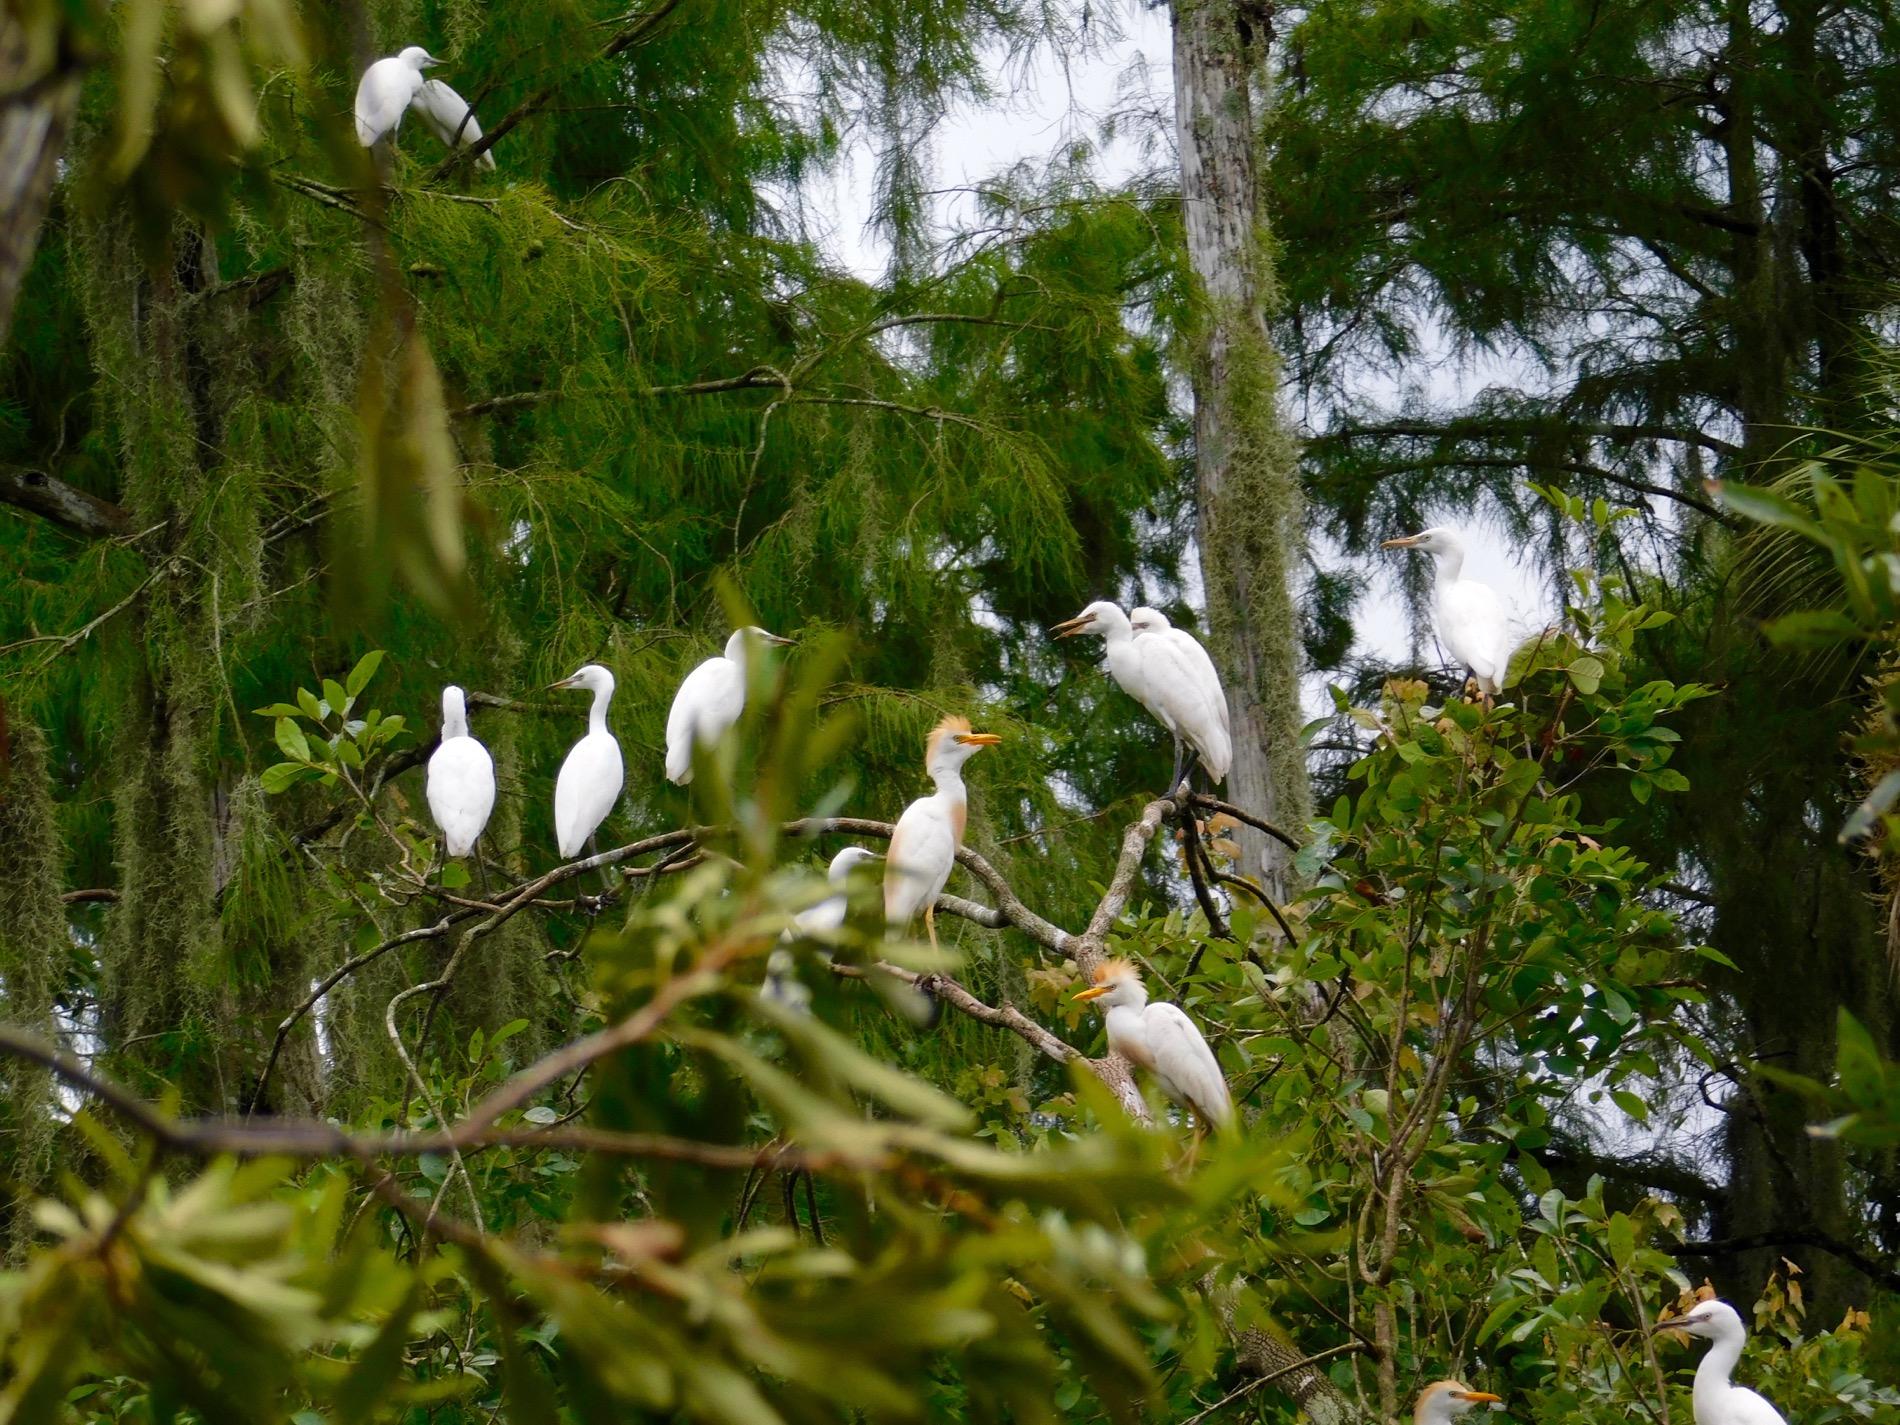 Billie swamp safari floride 6230 le courrier de floride for Chambre de commerce quebec floride